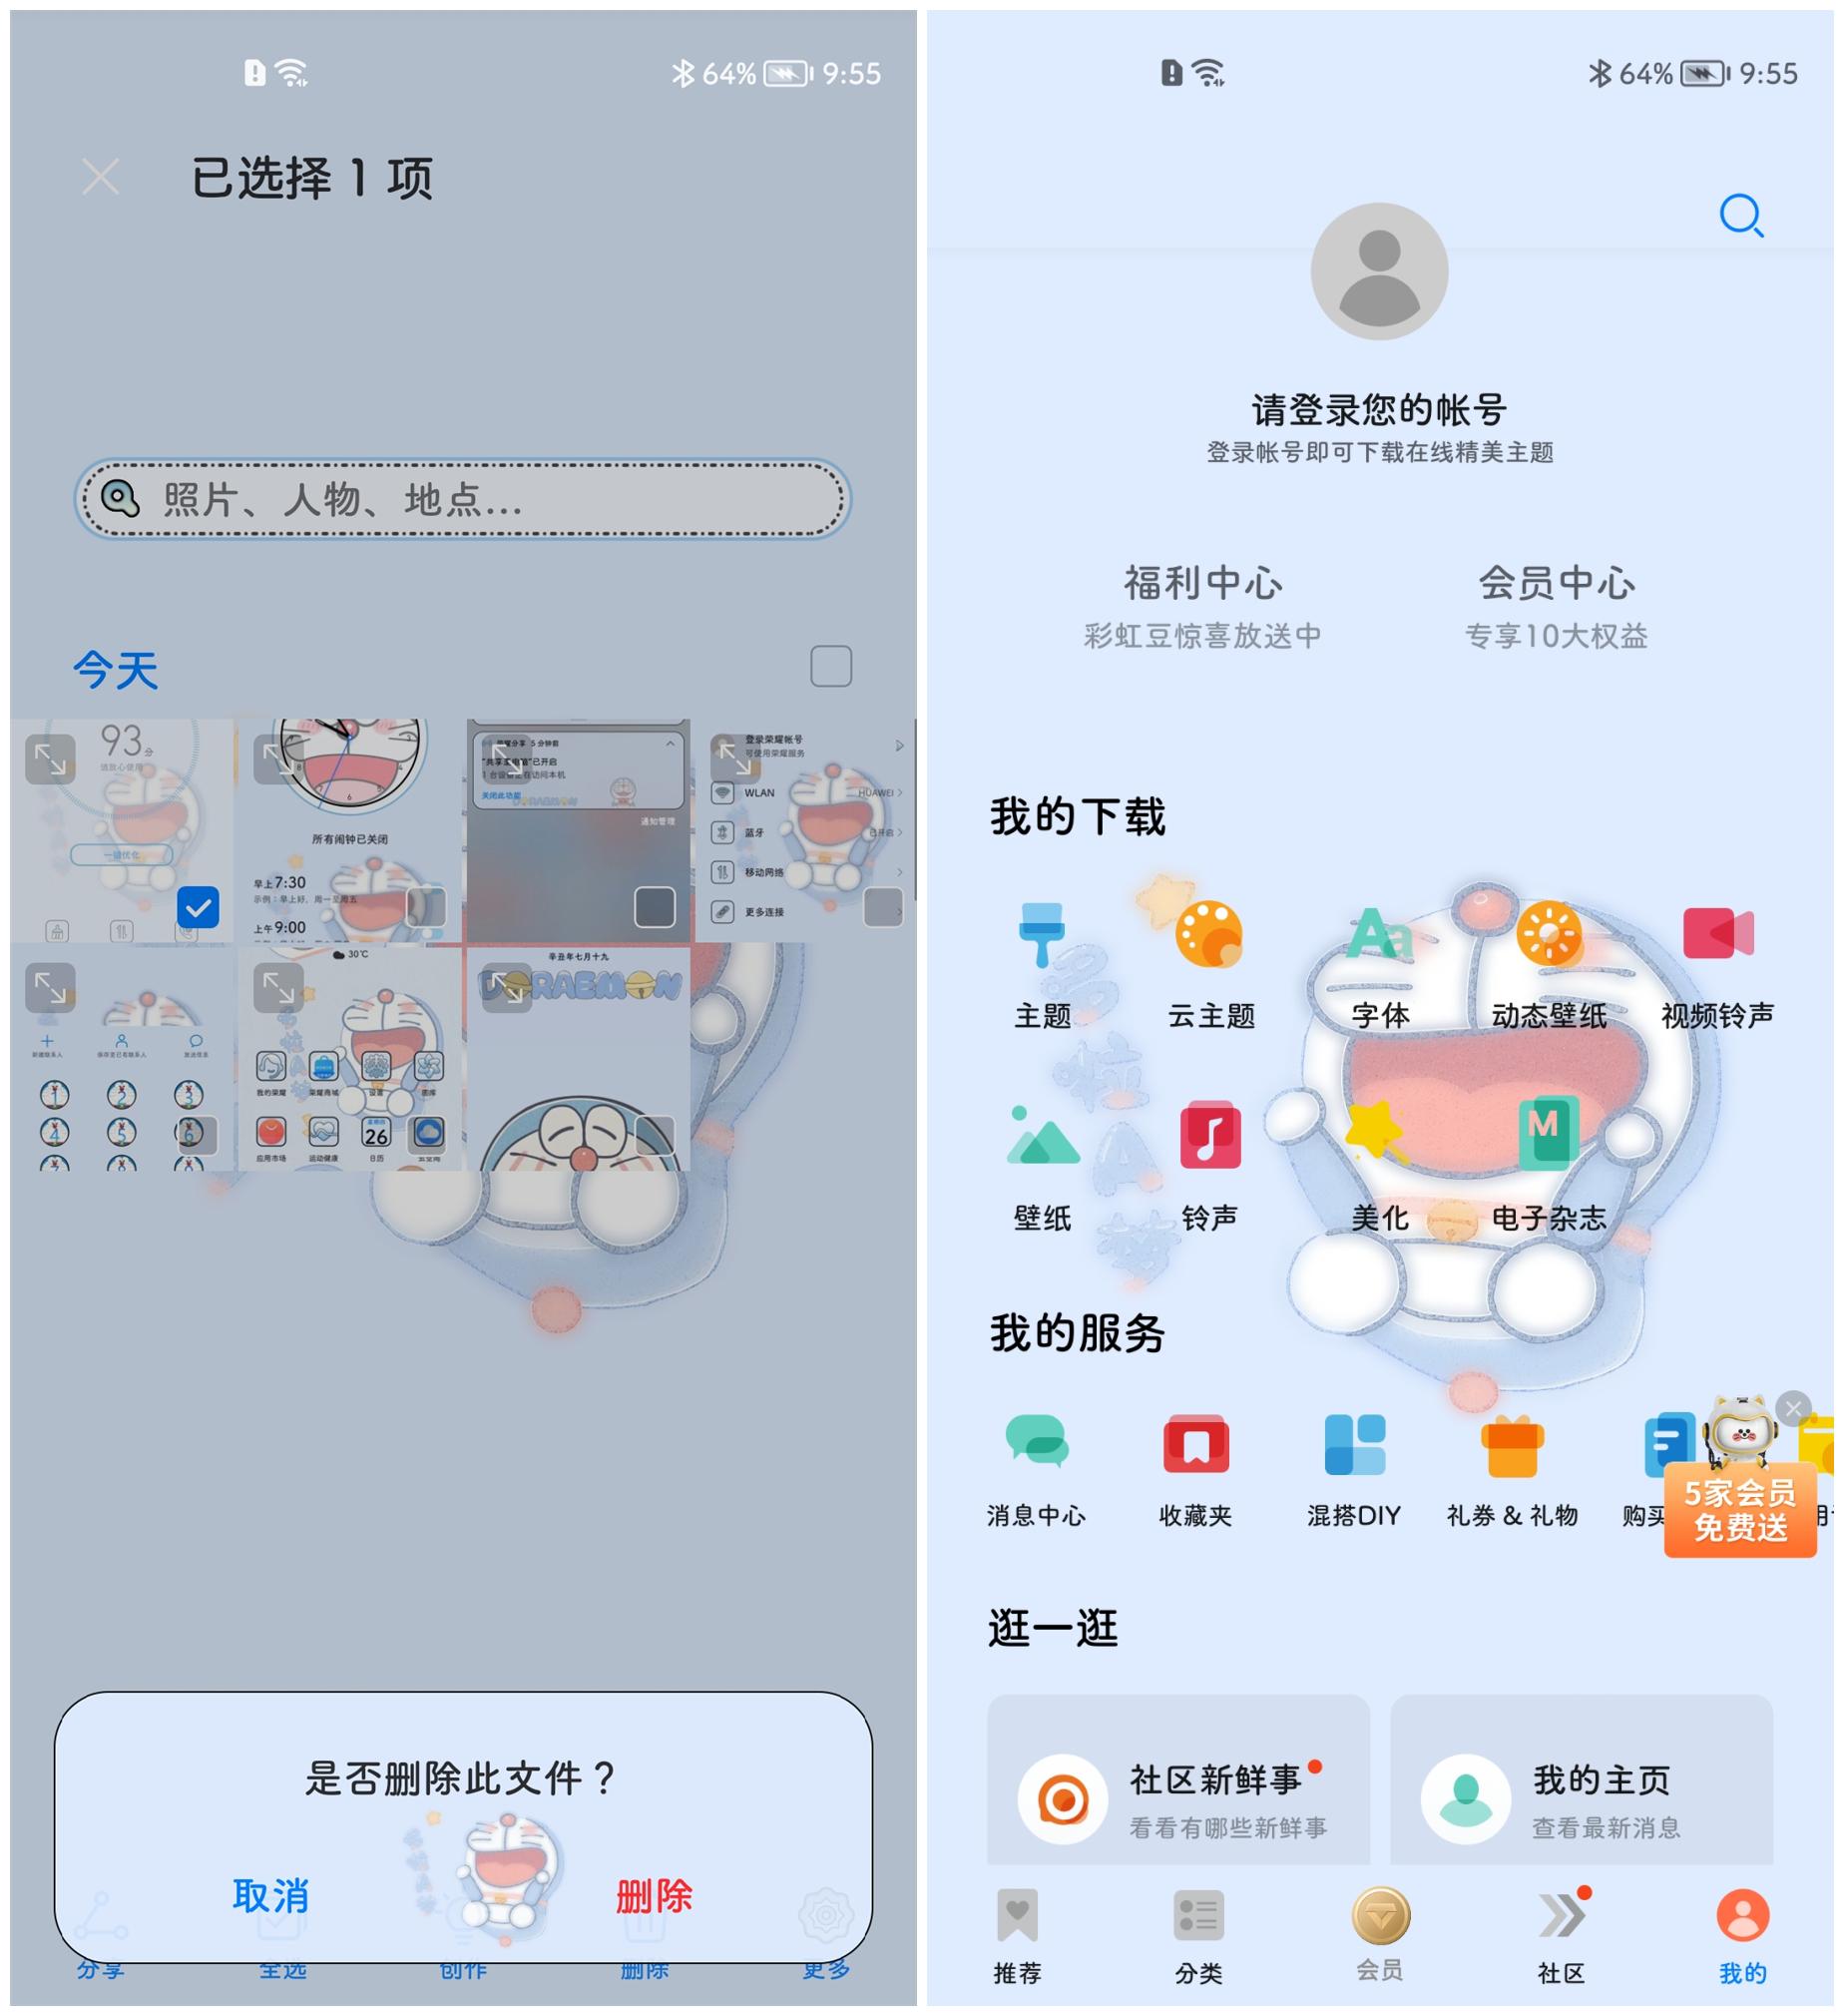 Screenshot_20210826_095518.jpg